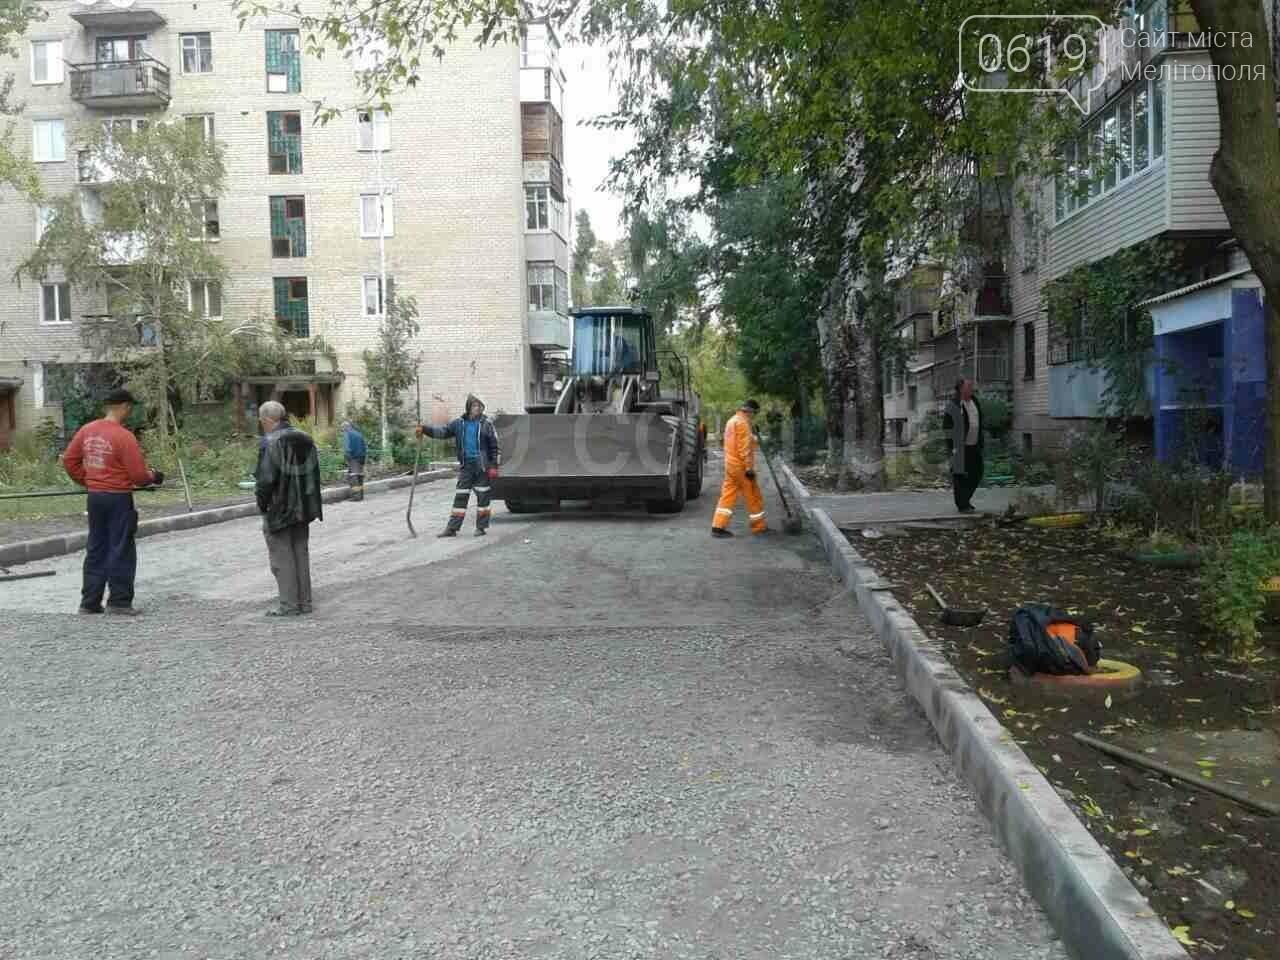 Благоустройство дворов в Авиагородке подходит к завершению , фото-4